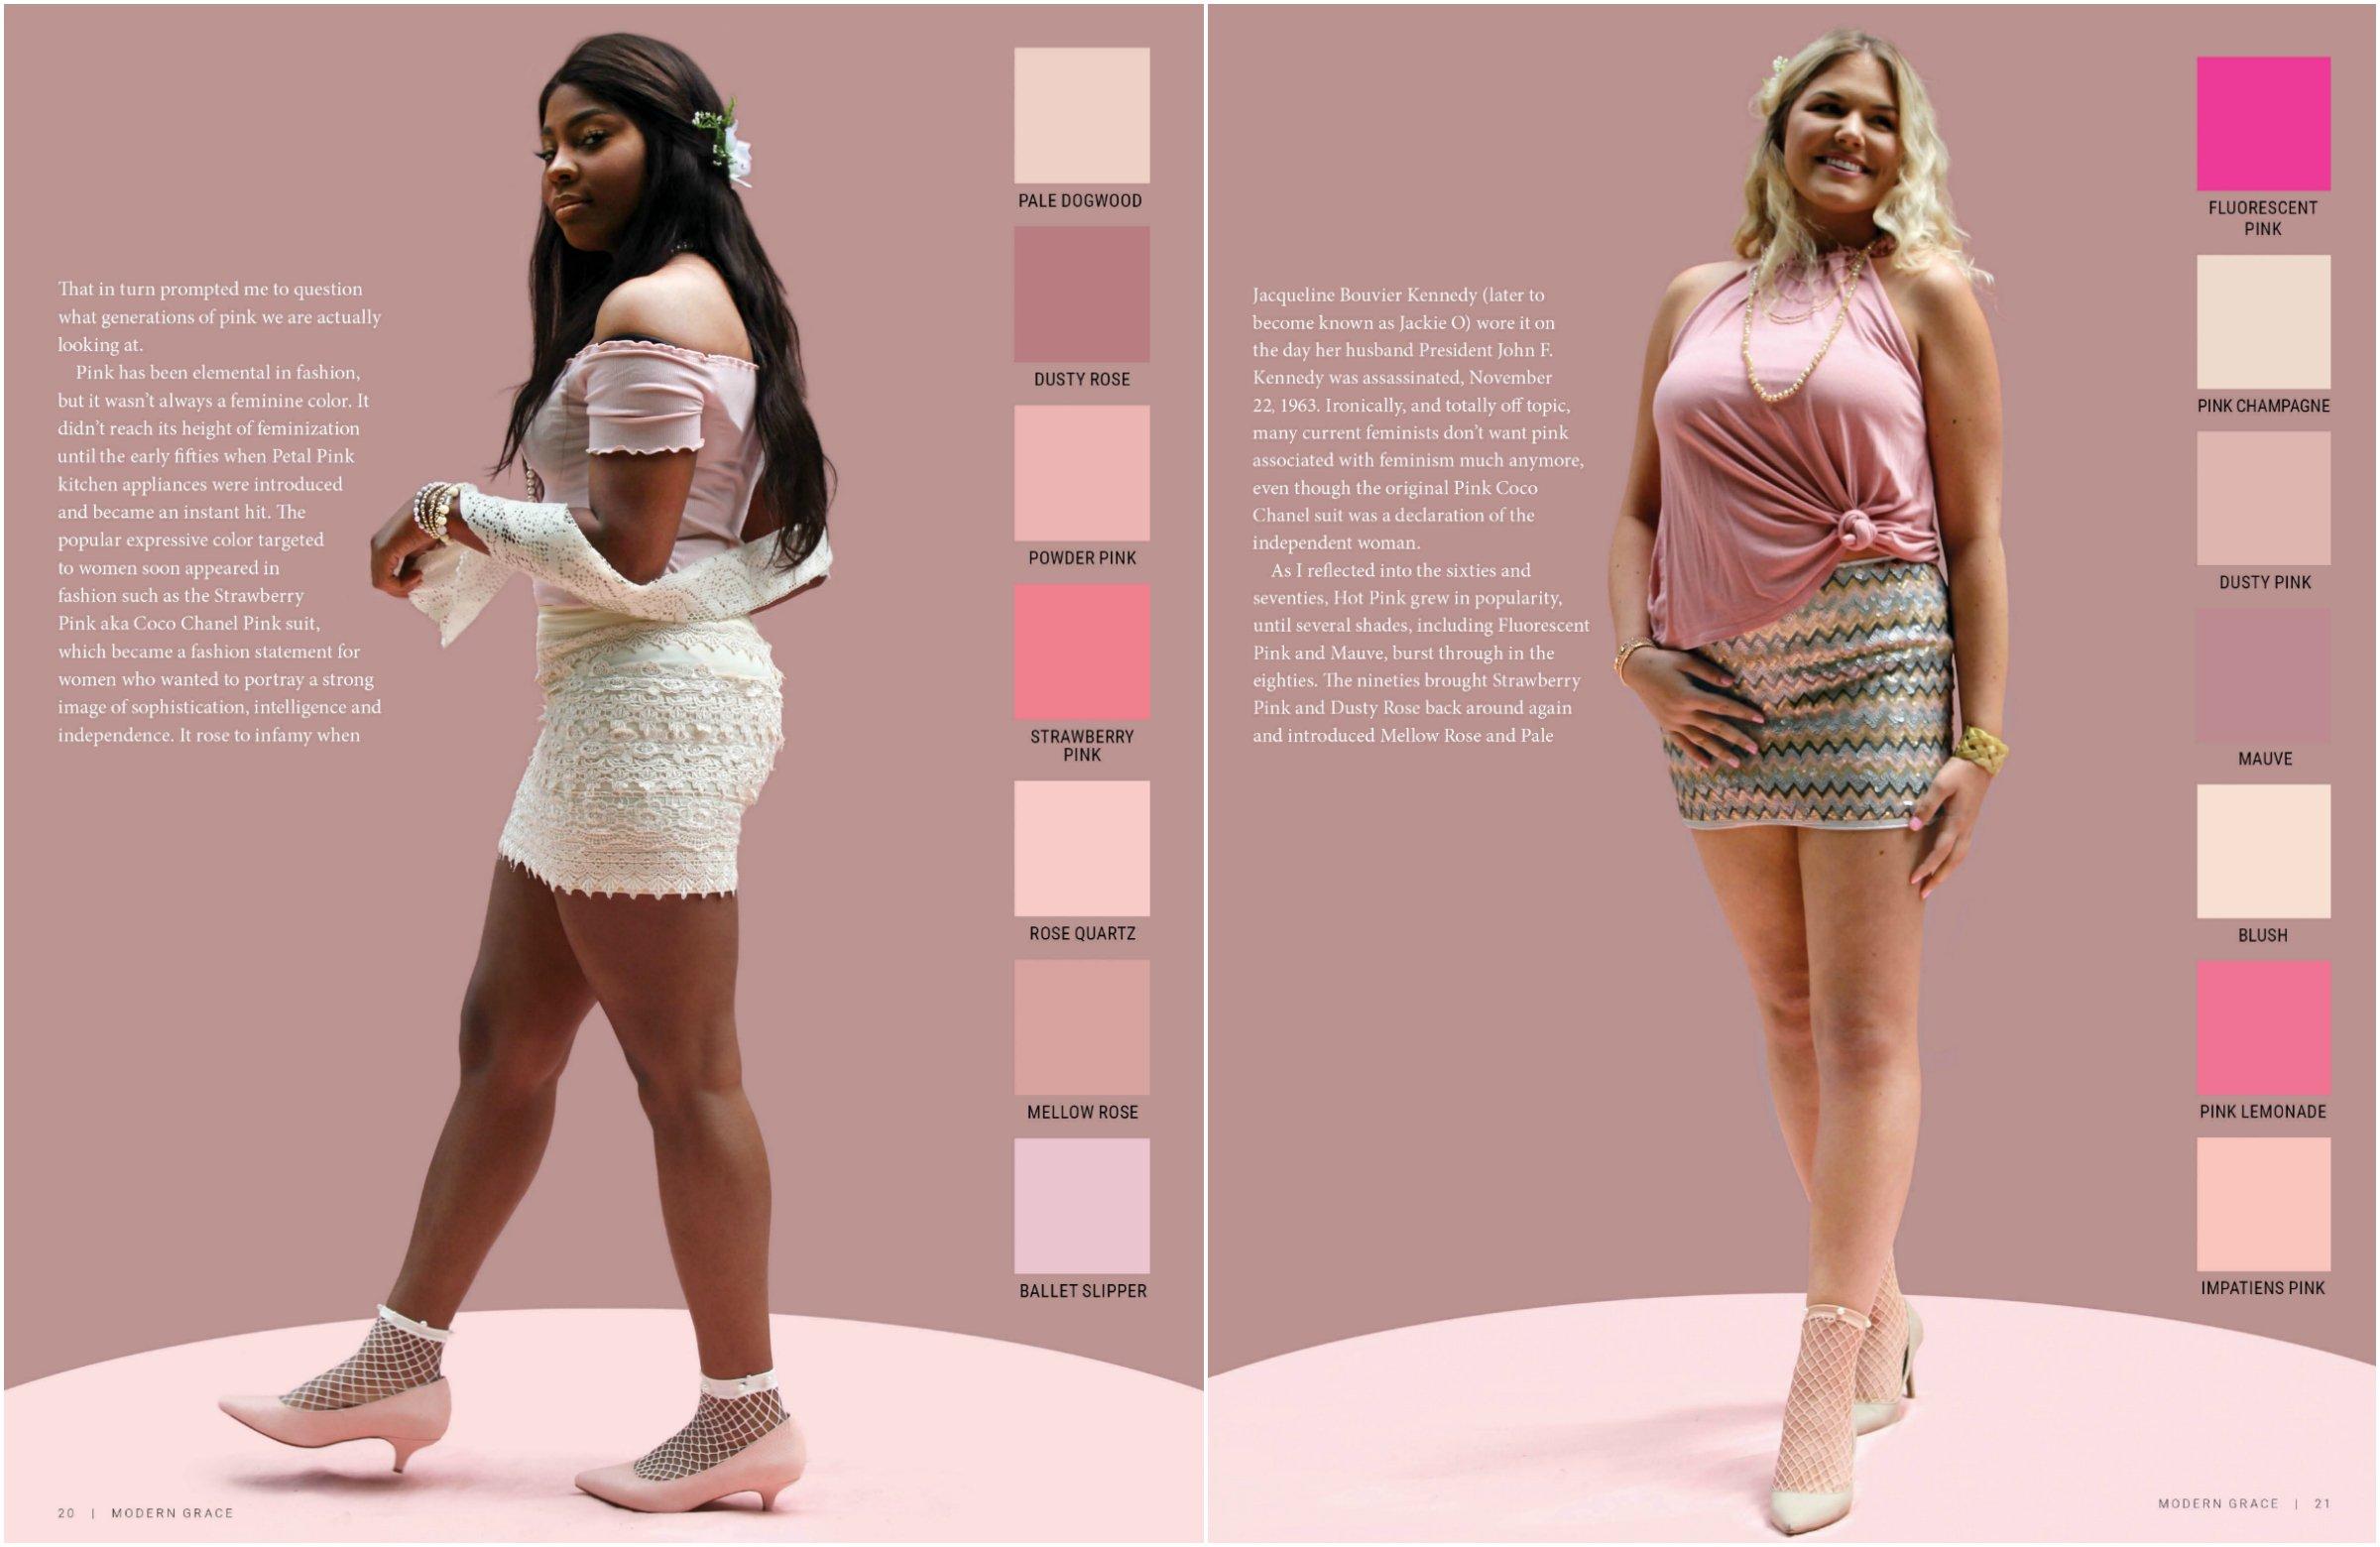 Michelle jester Modern Grace Spread Pink 2.jpg